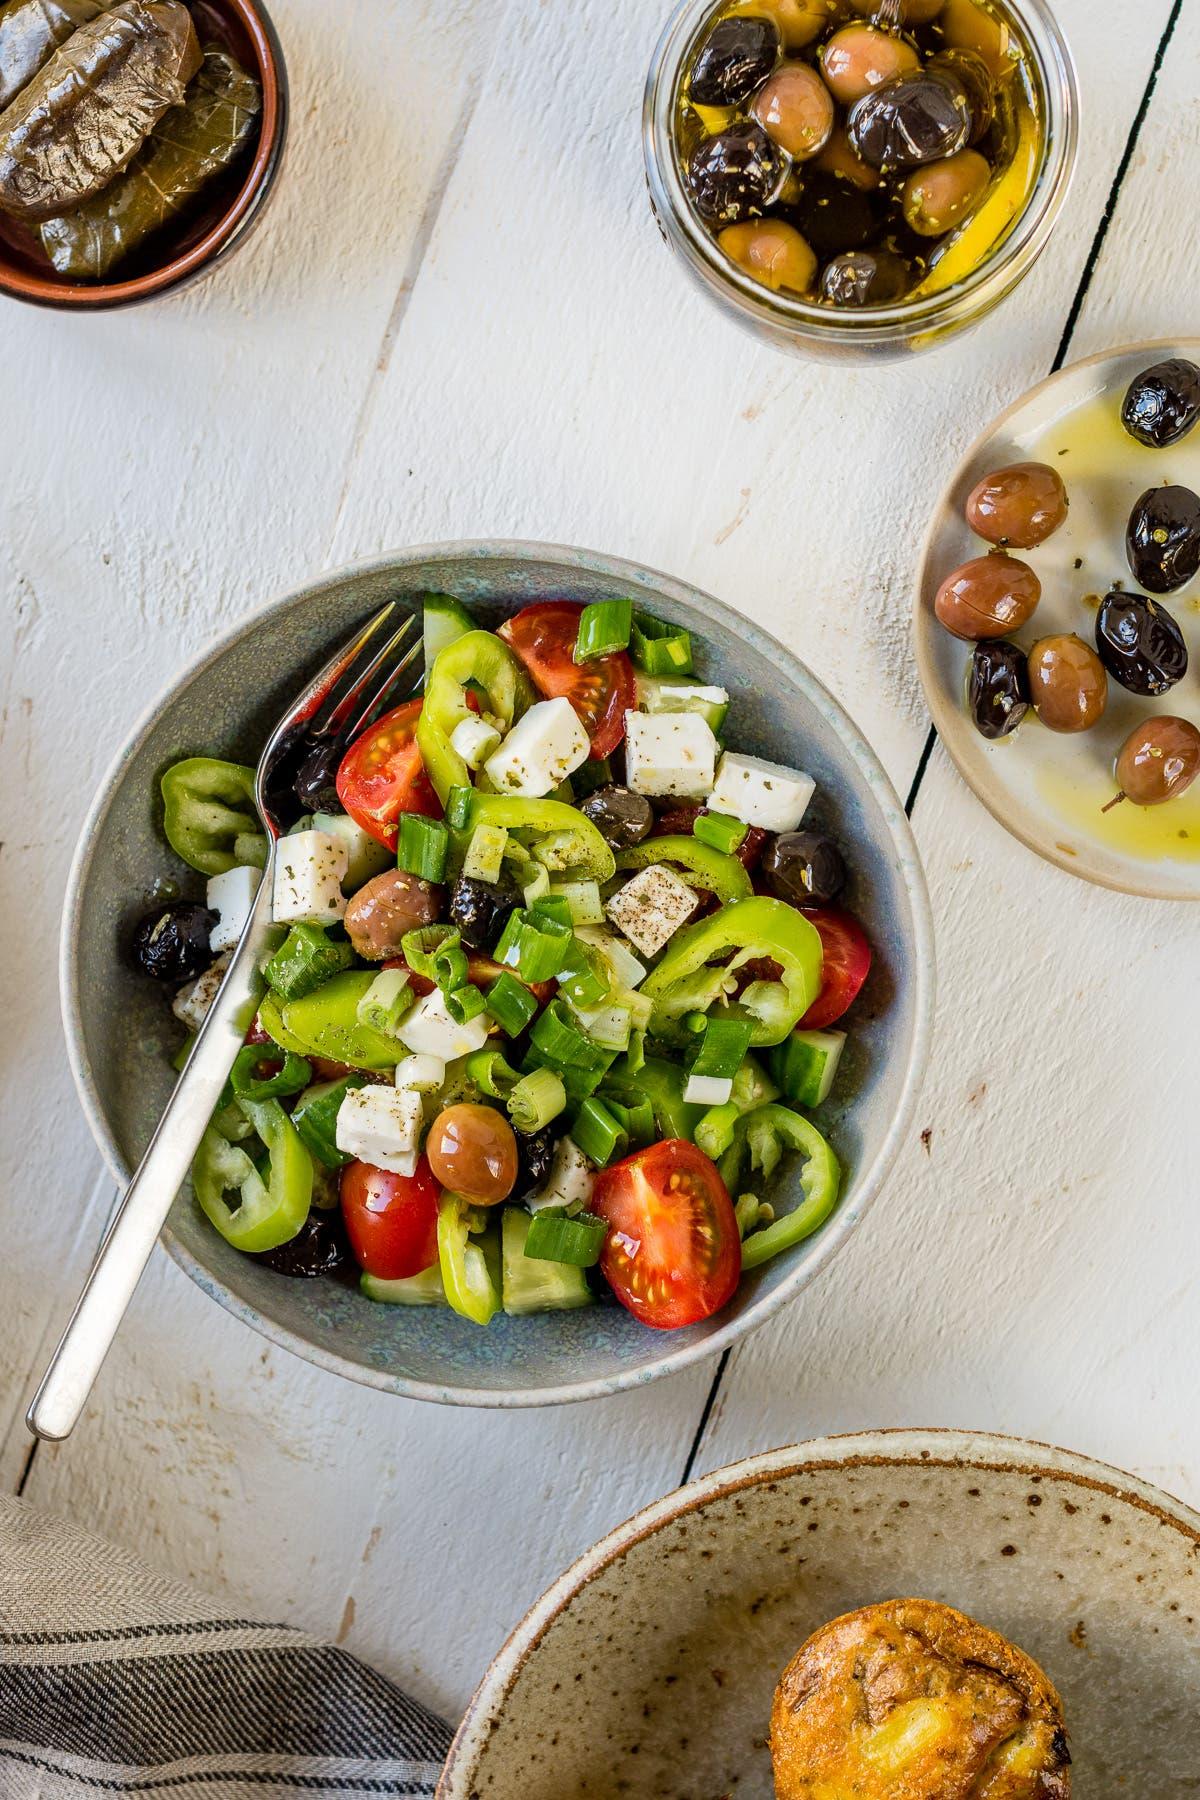 Bild von oben mit einer Schüssel Salat und ein Teller und ein Glas mit eingelegten Oliven auf weißem Untergrund.